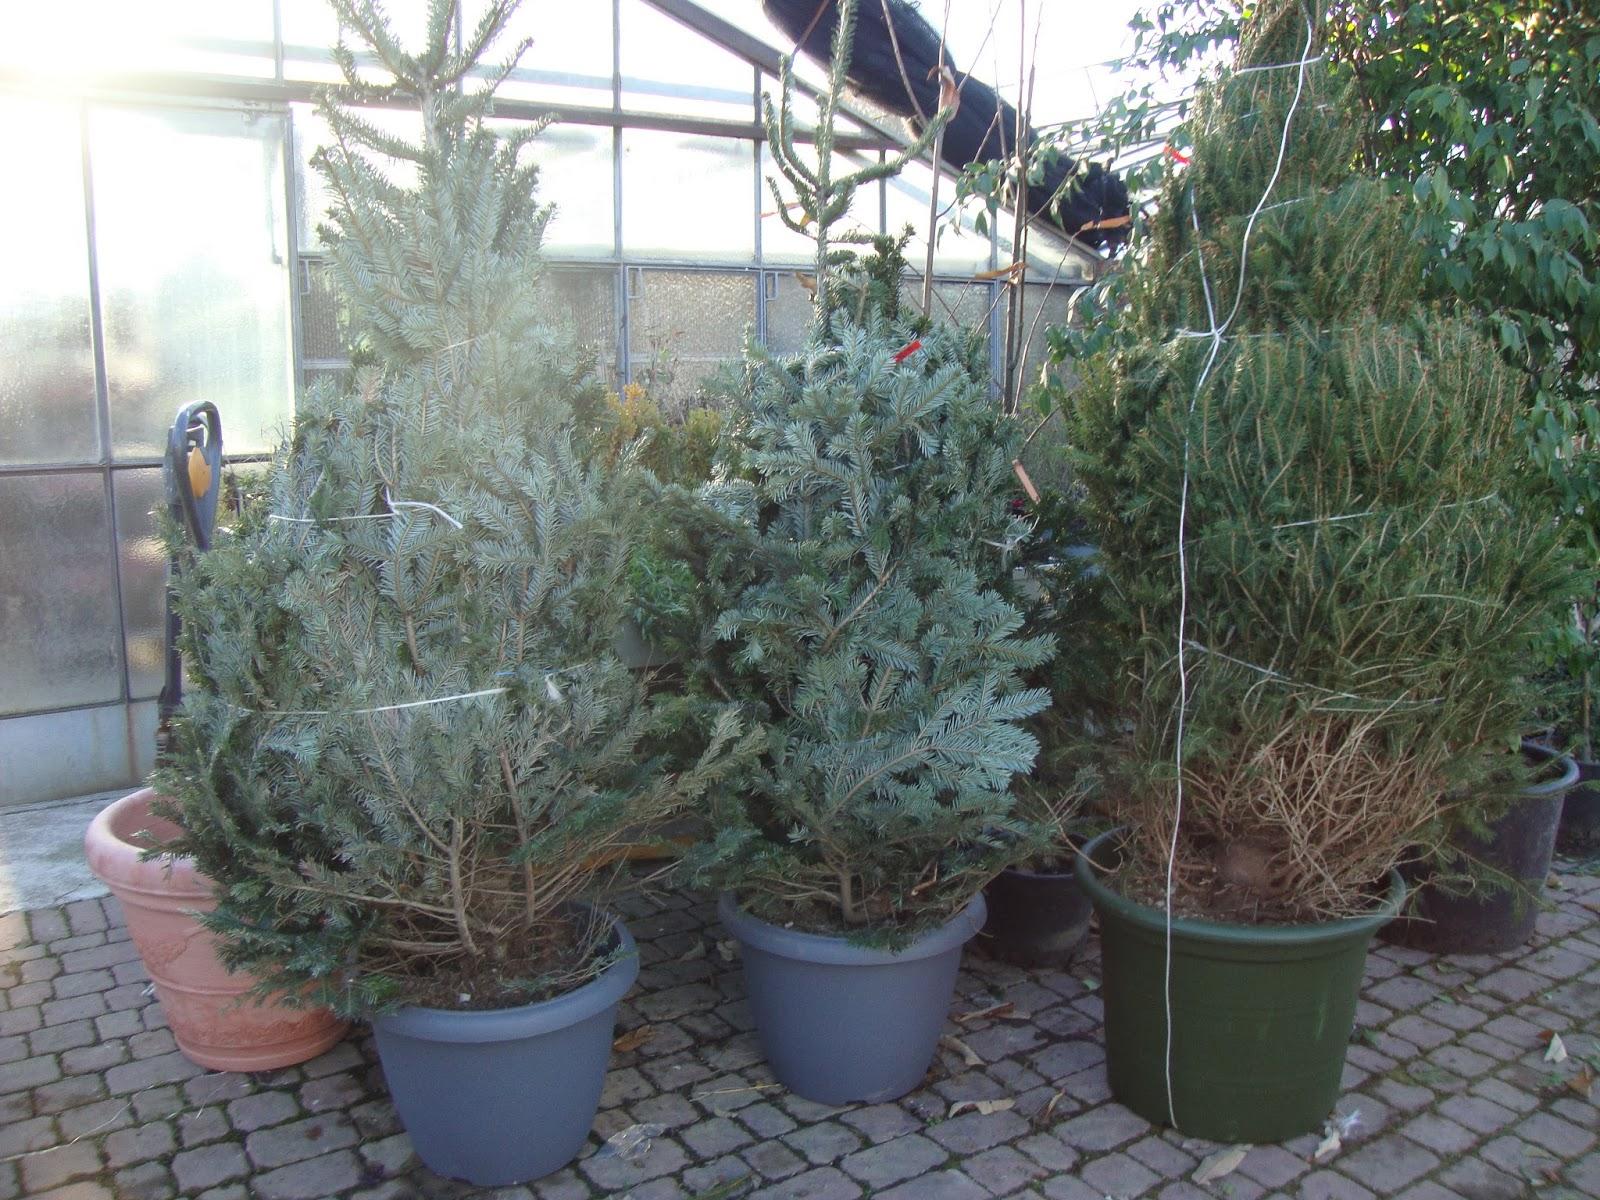 Un piccolo giardino in citt l 39 albero di natale vero una - Quanto costa una jacuzzi da esterno ...